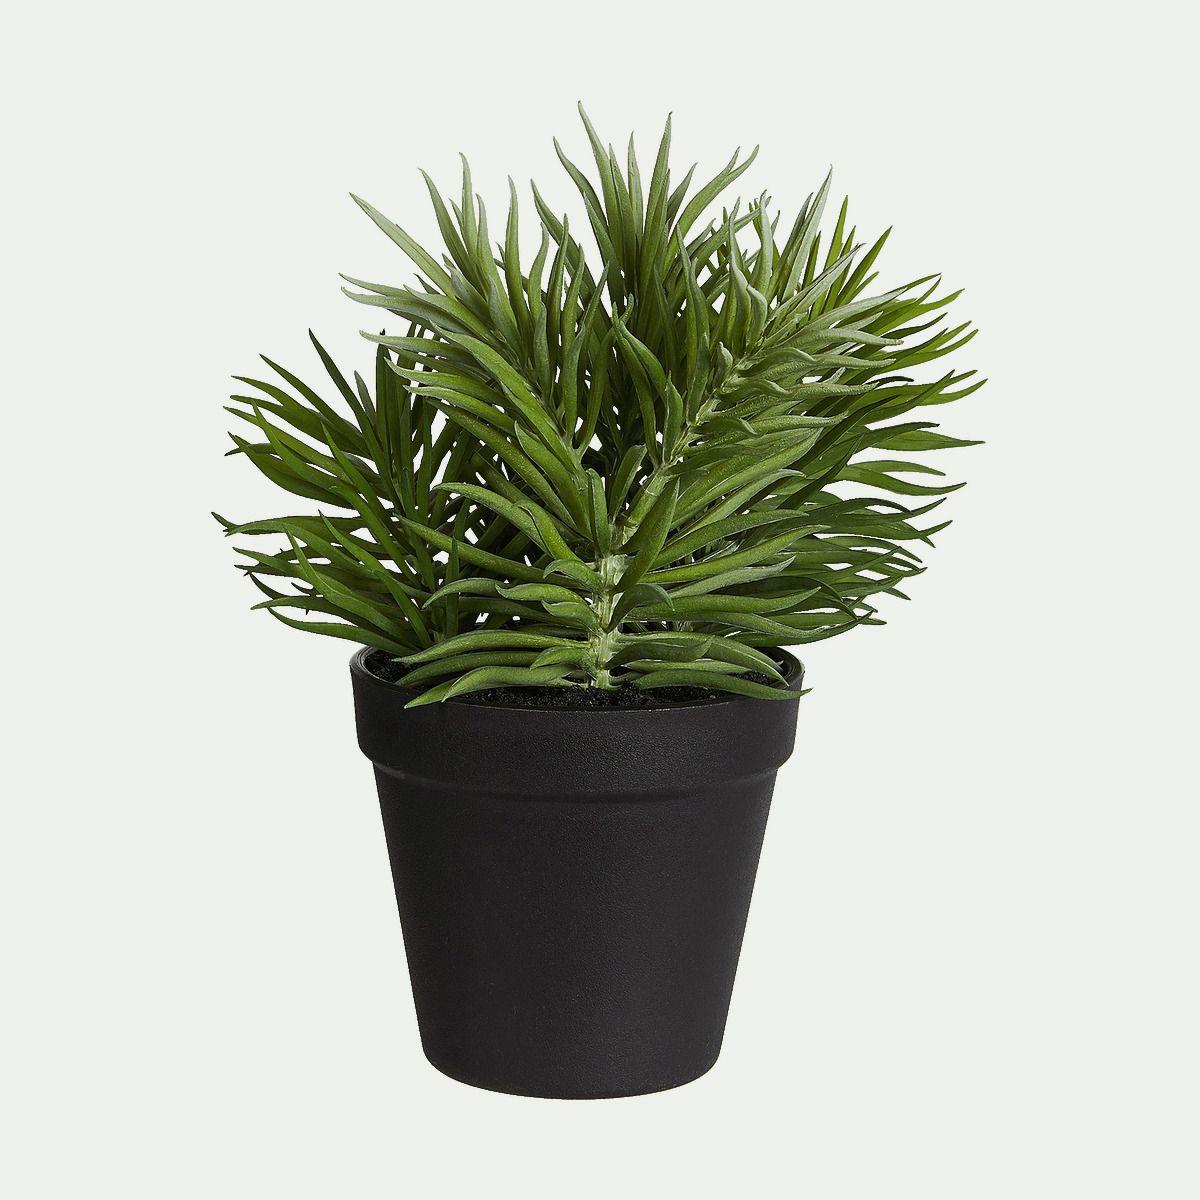 Plante Ornementale Cette Plante Grasse Artificielle Insufflera